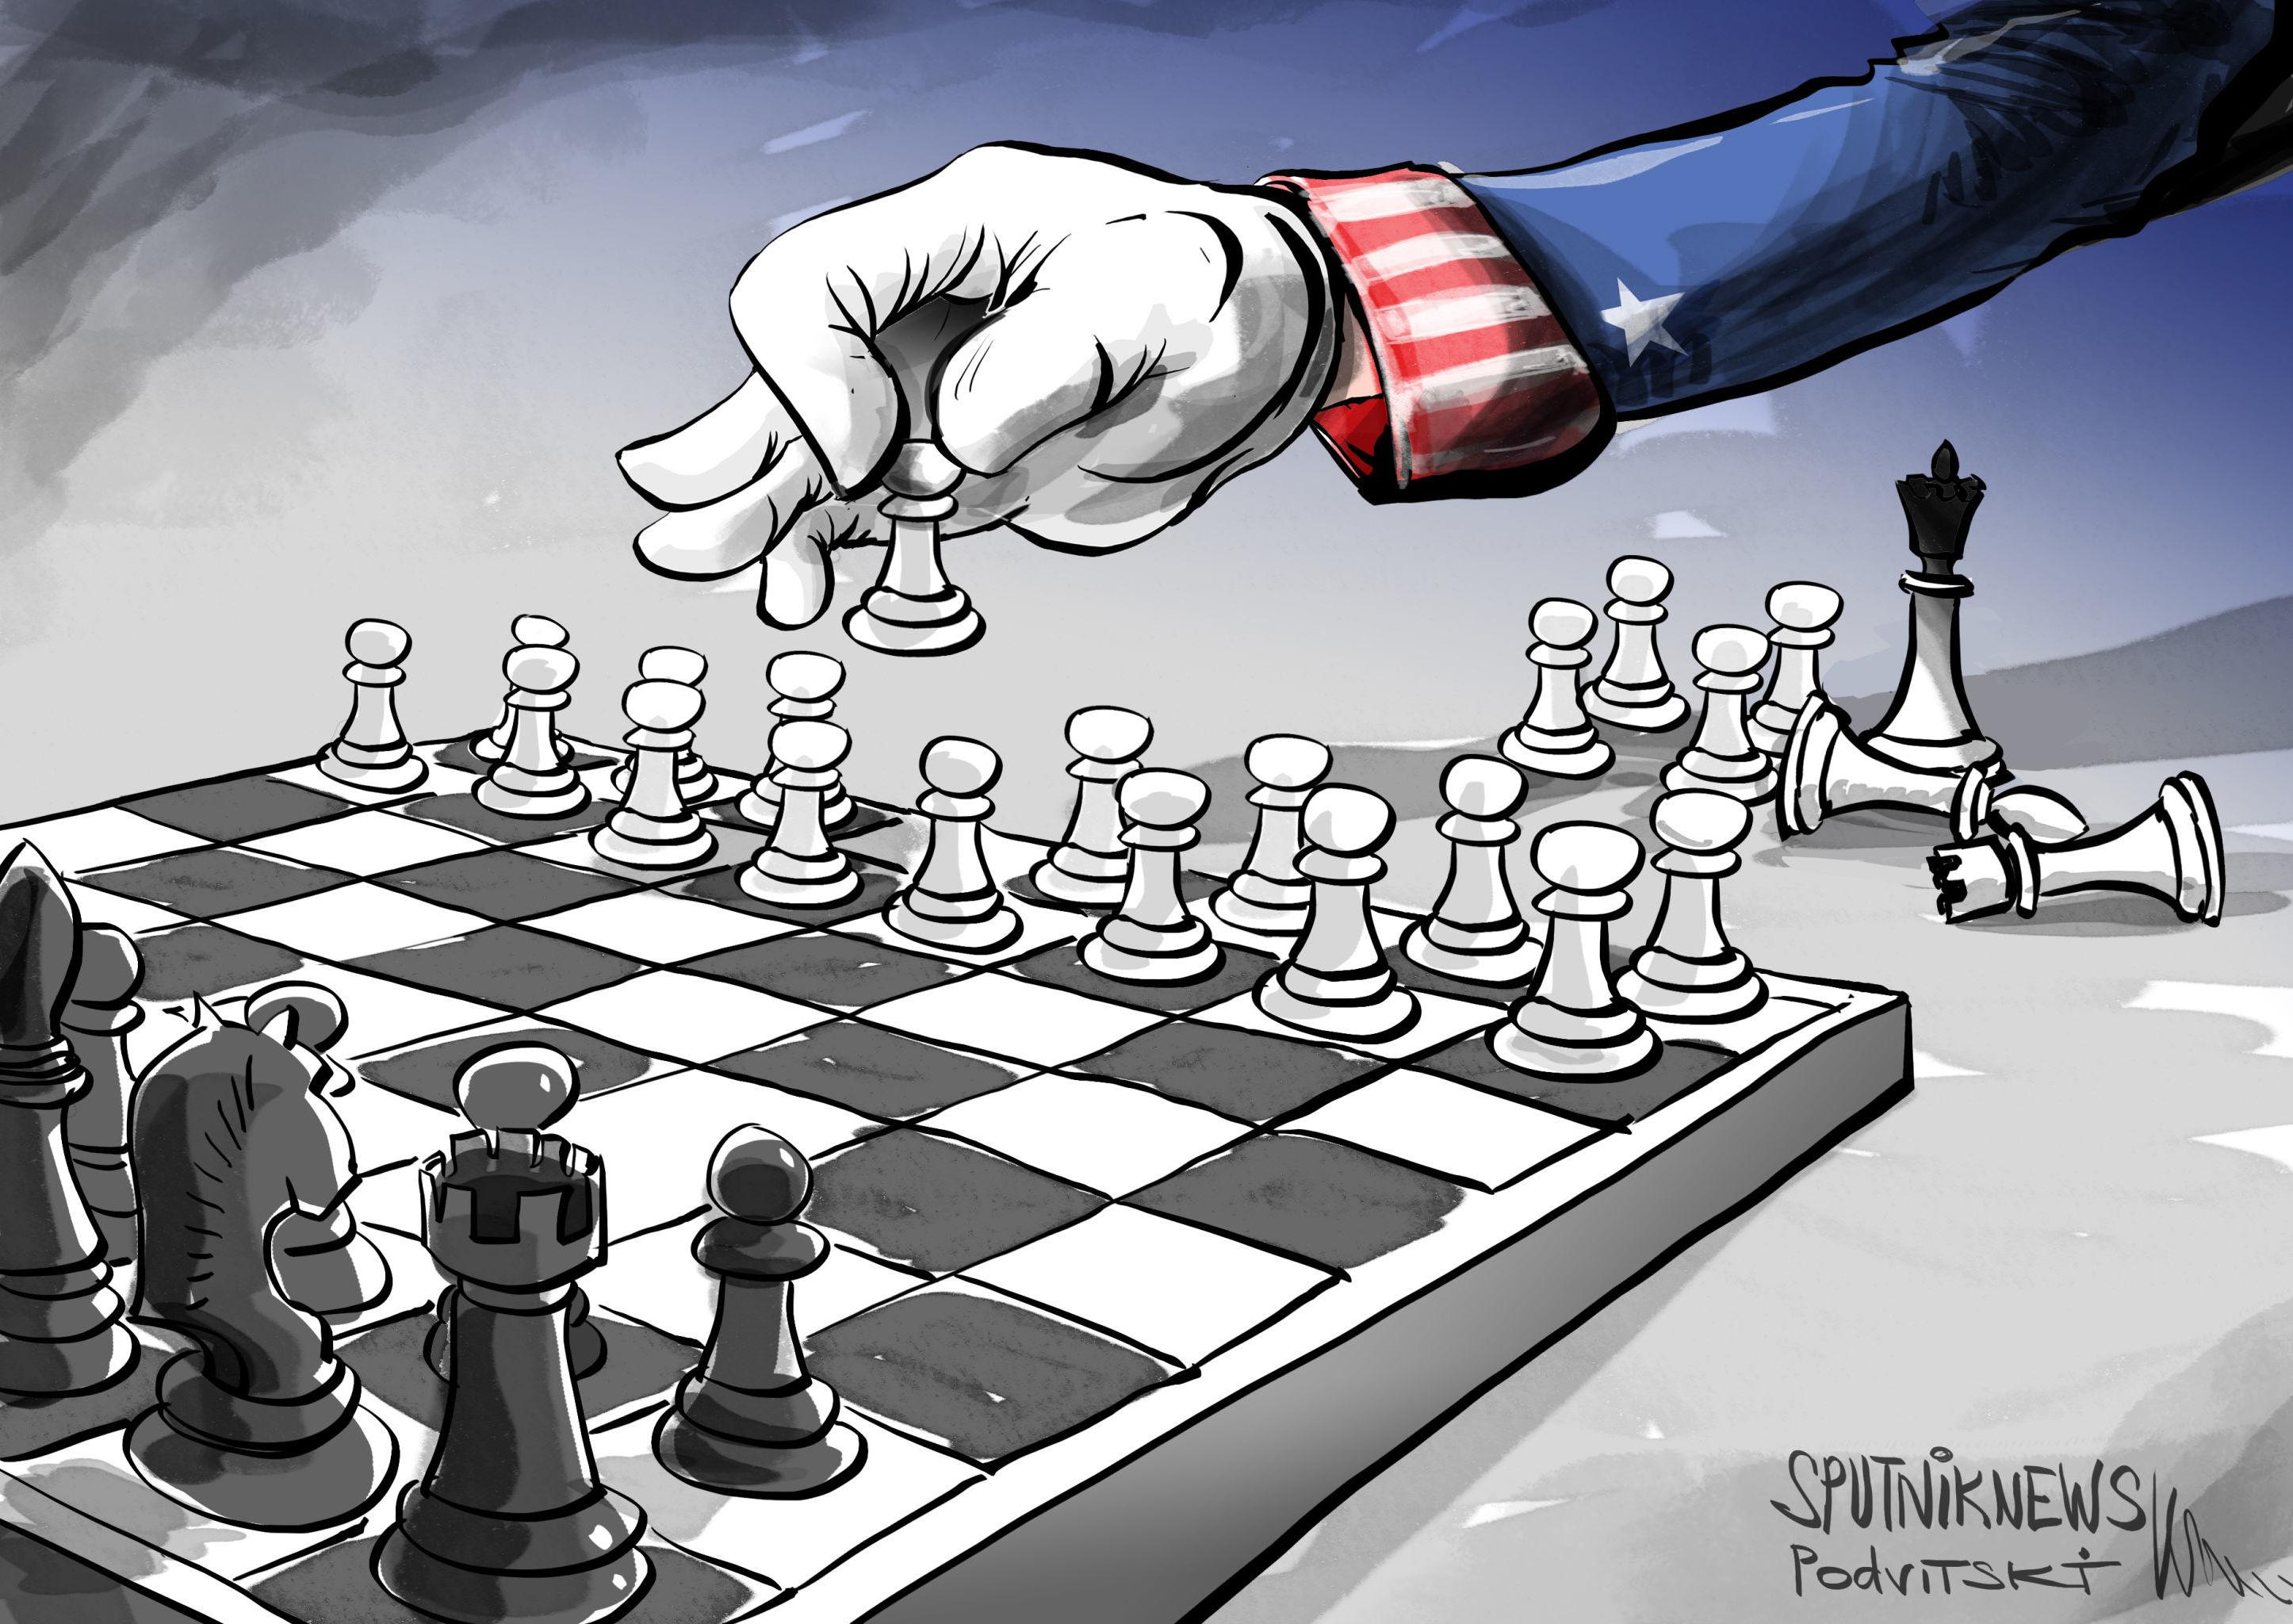 اقدامات محرم پنتاگون برای مقابله با روسیه